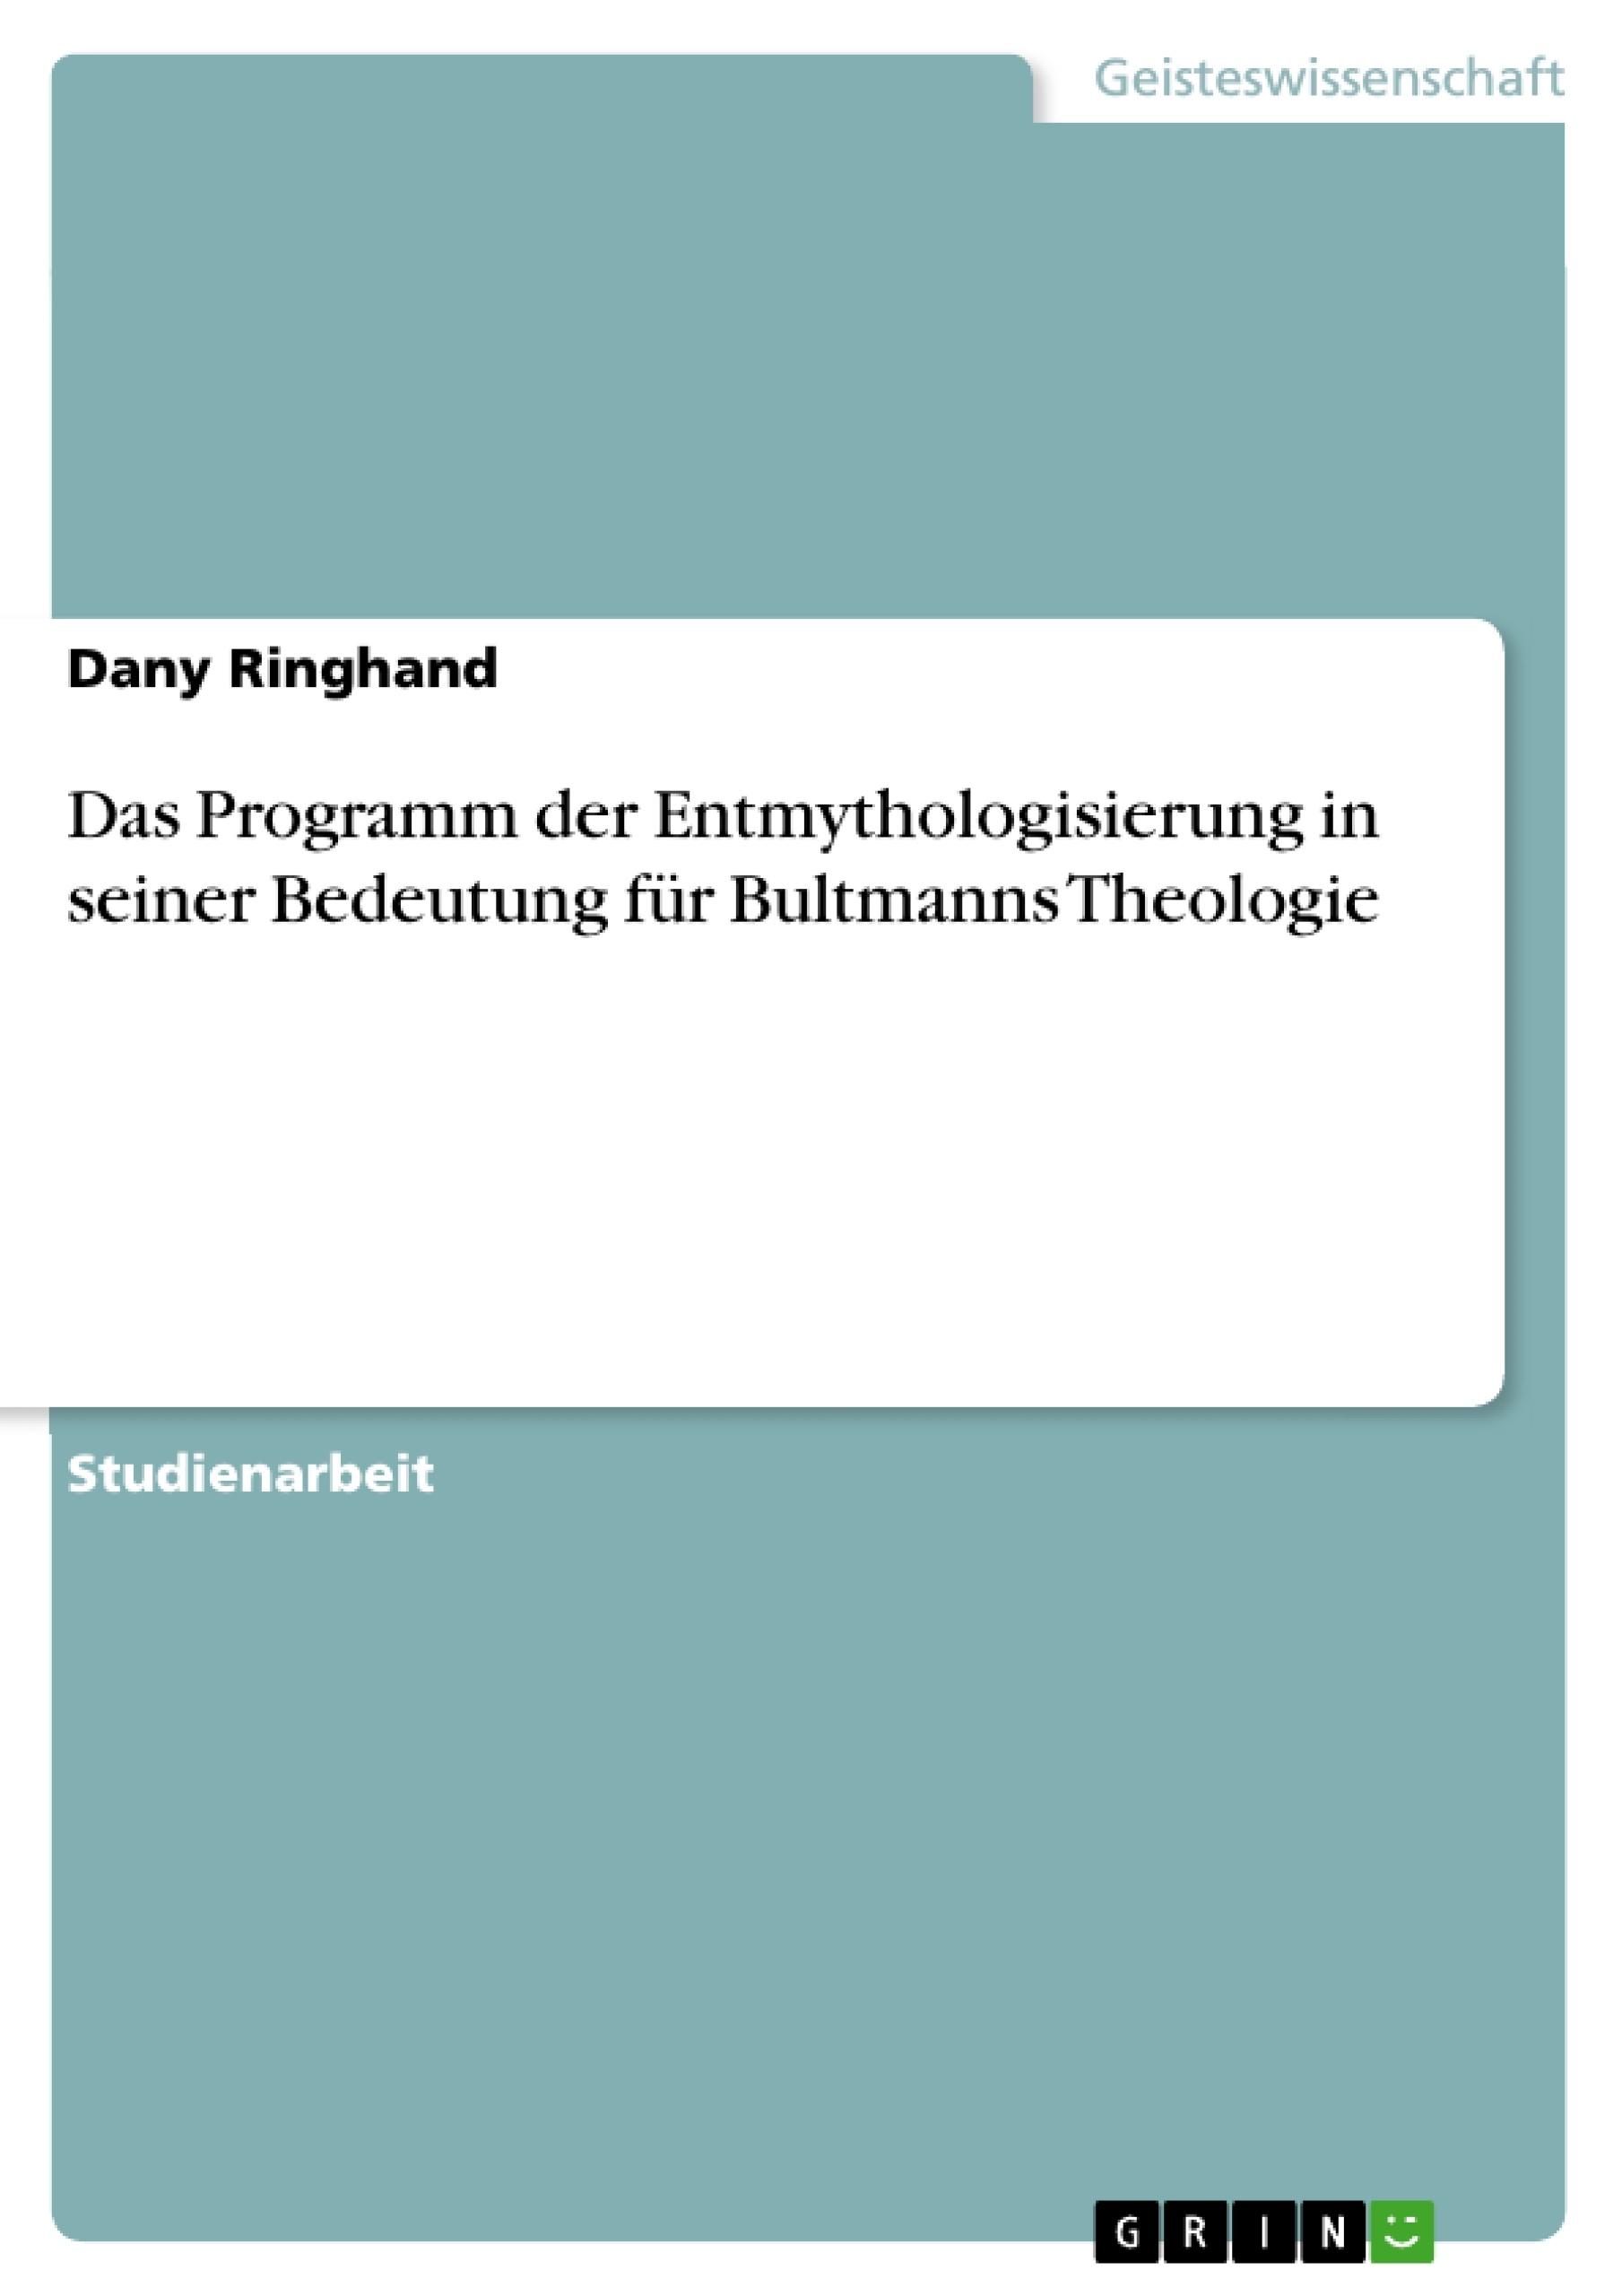 Titel: Das Programm der Entmythologisierung in seiner Bedeutung für Bultmanns Theologie